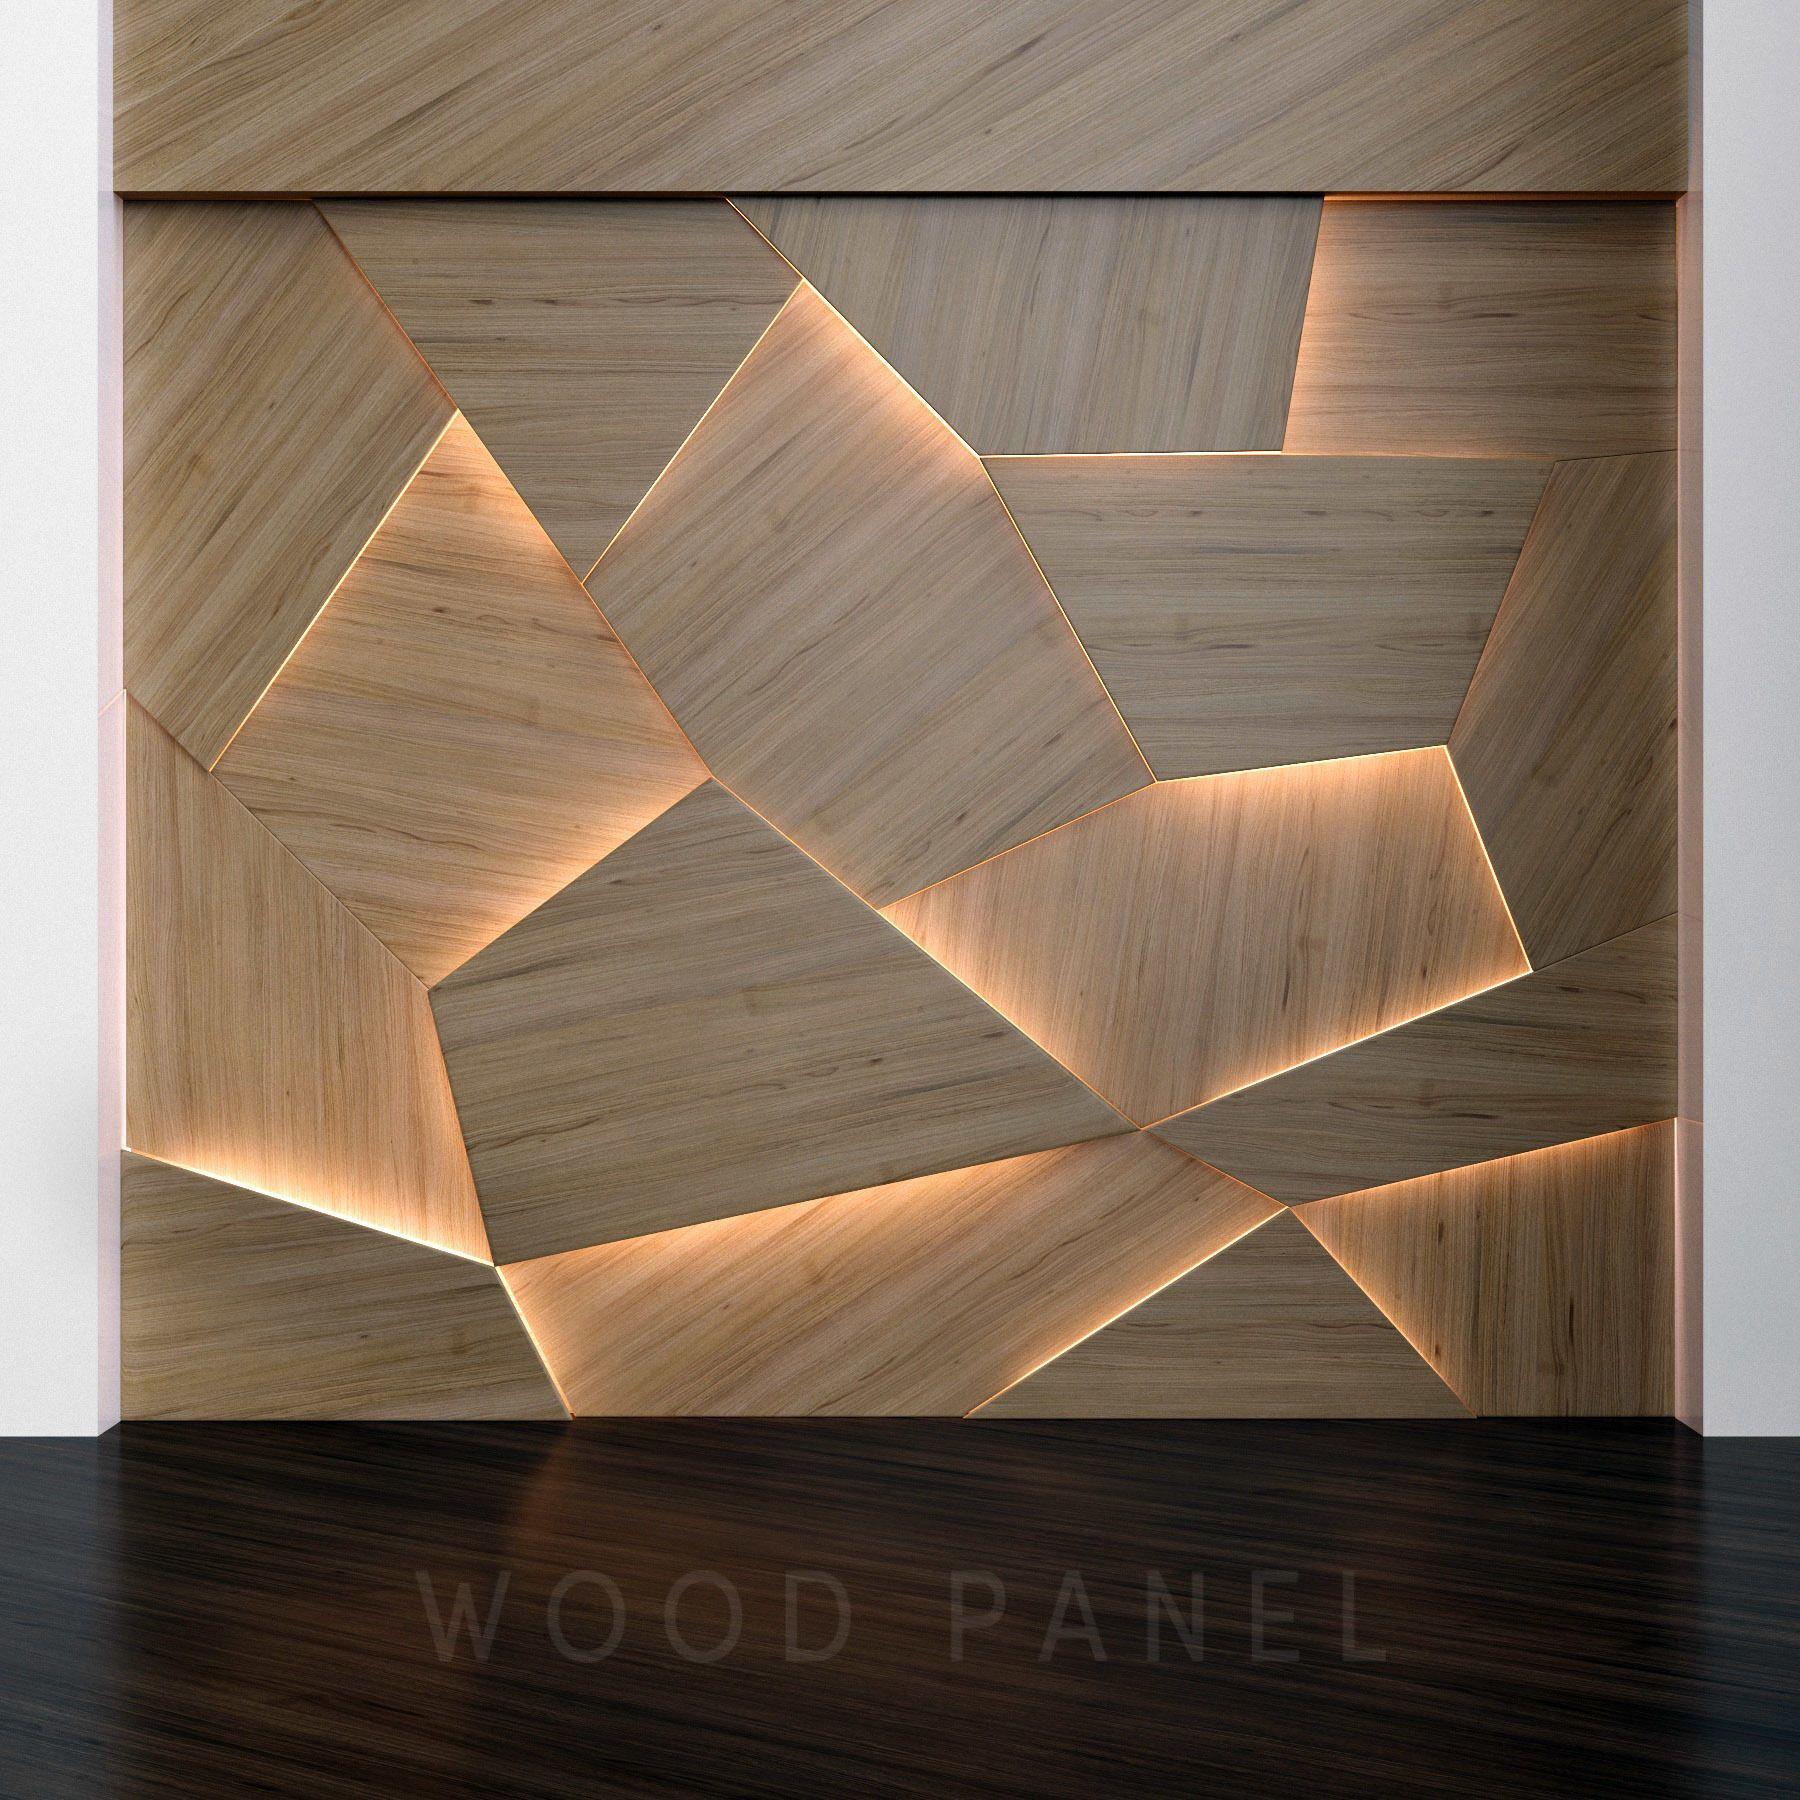 Wooden 3d Panels 3d Model Wooden Wall Design Wall Panel Design Wooden Wall Panels